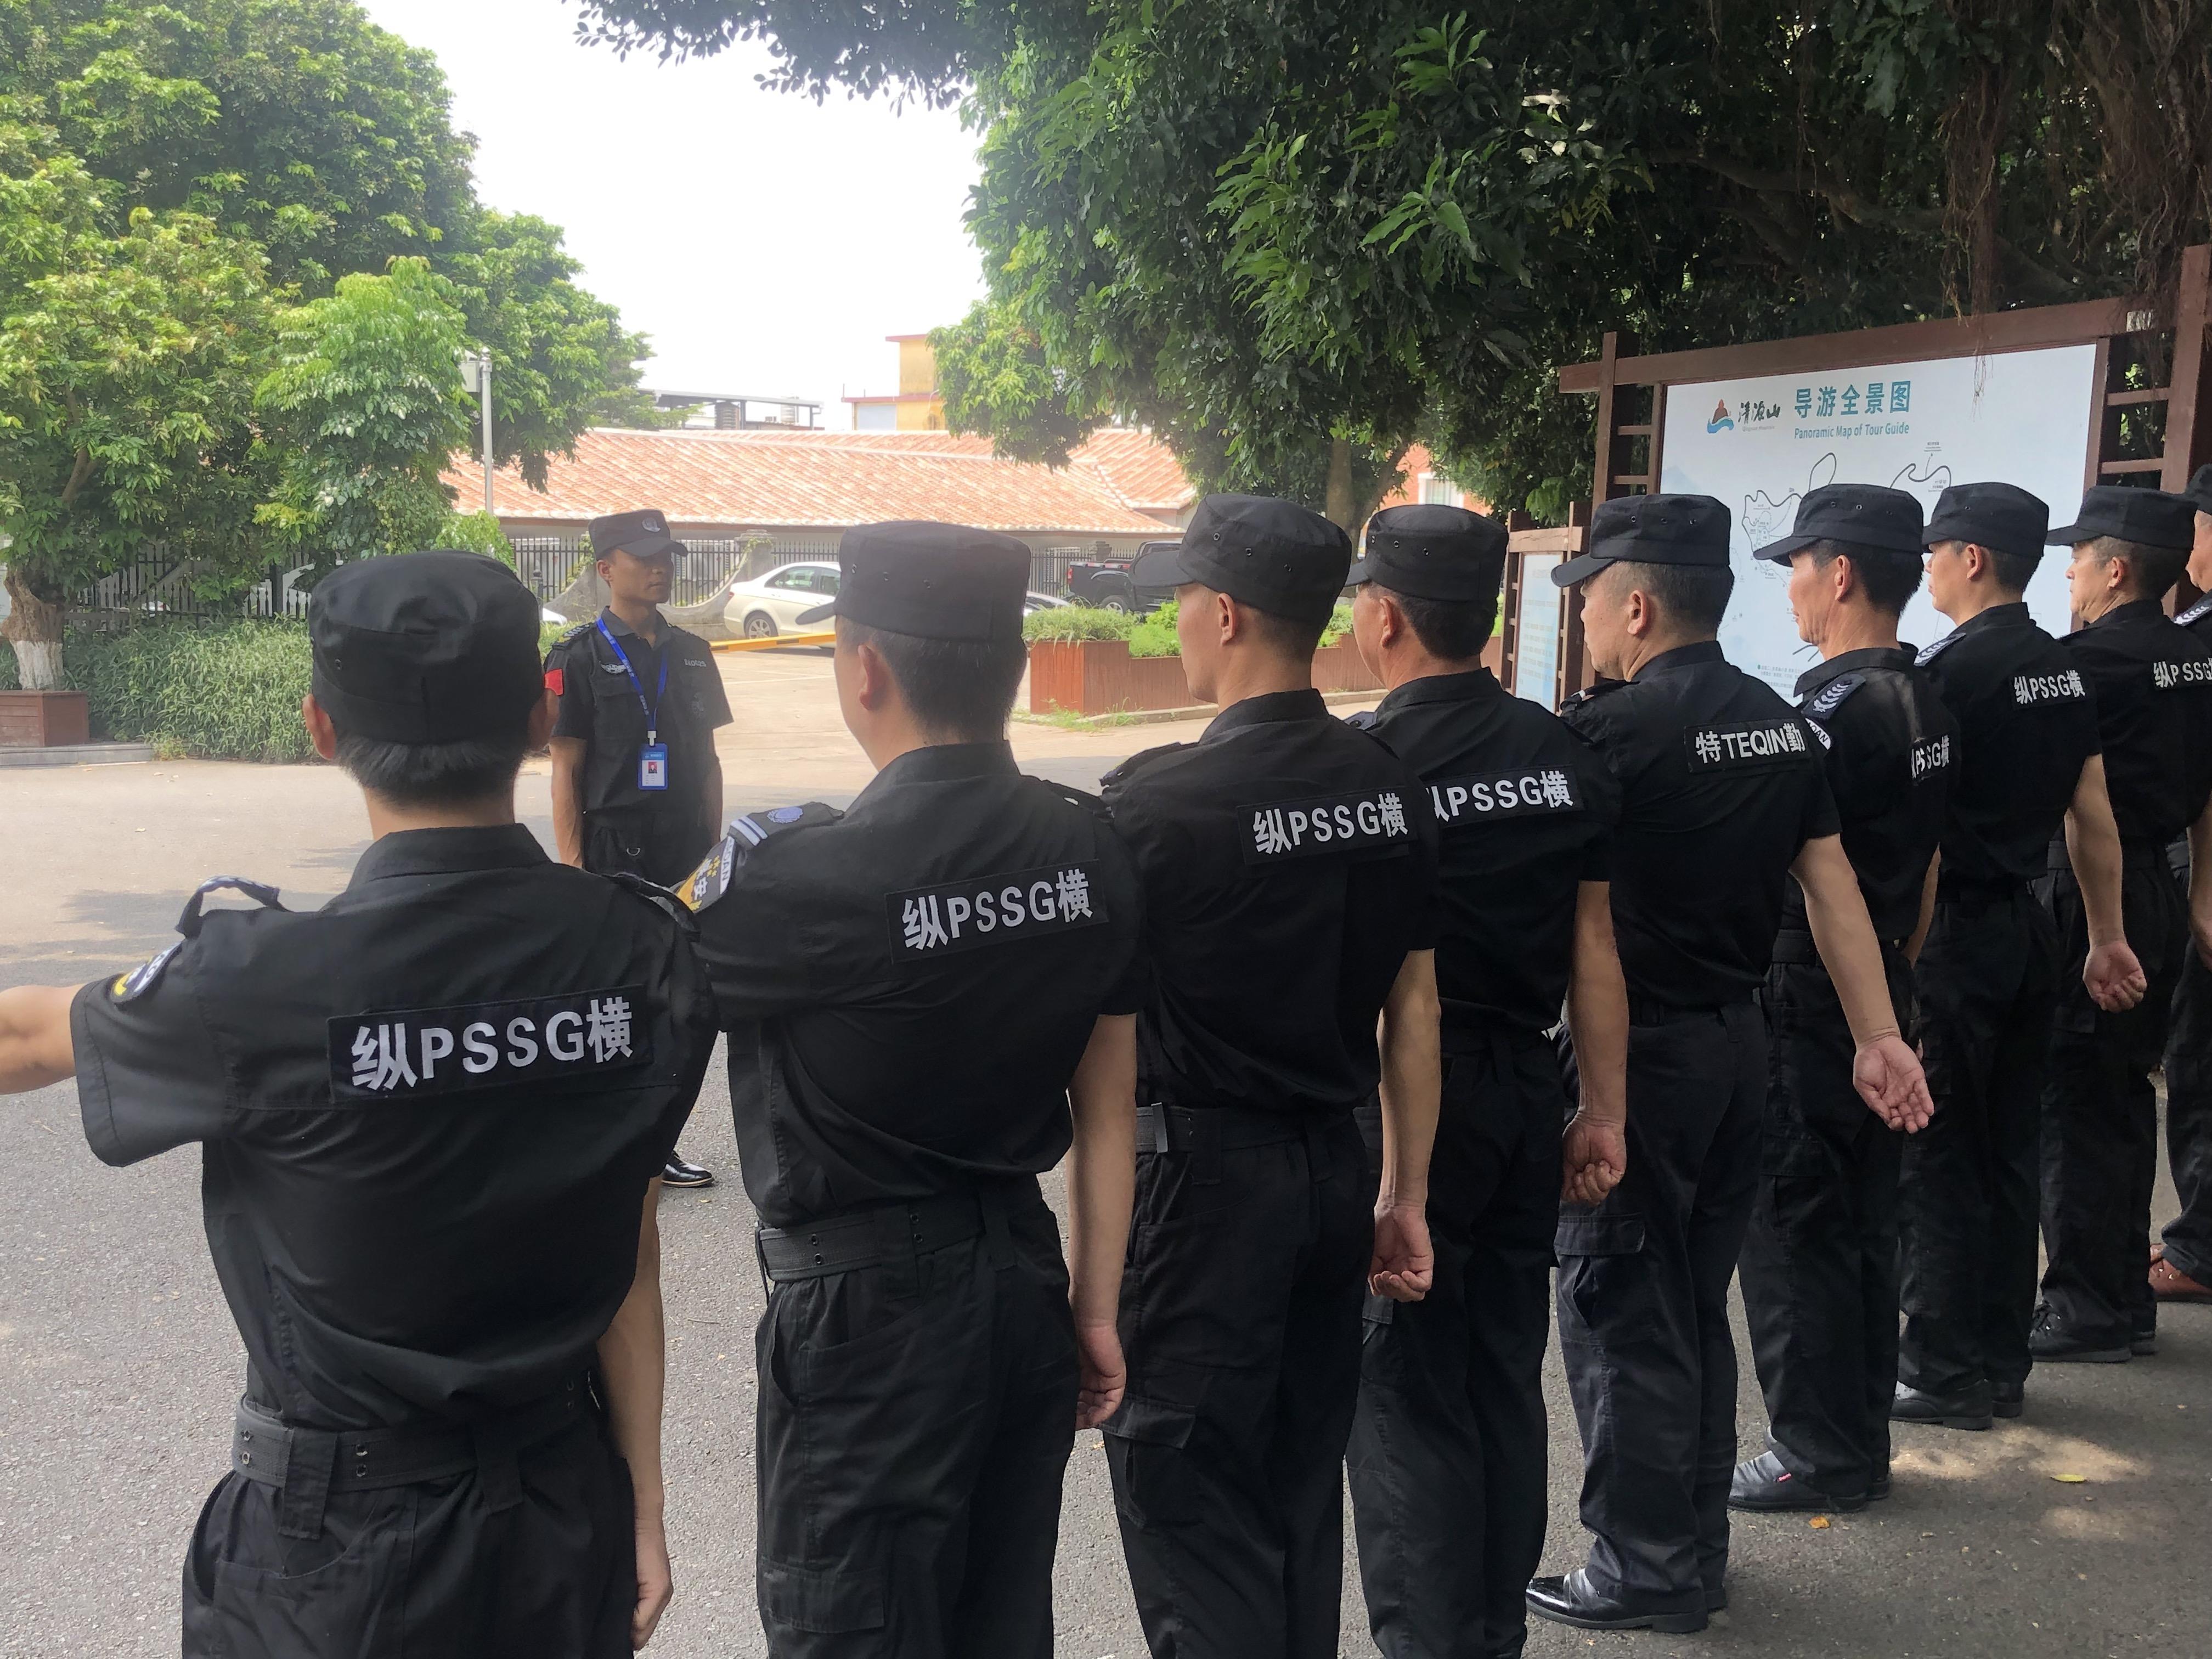 纵横保安严格驻点队列训练 做一名合格的保安没那么简单